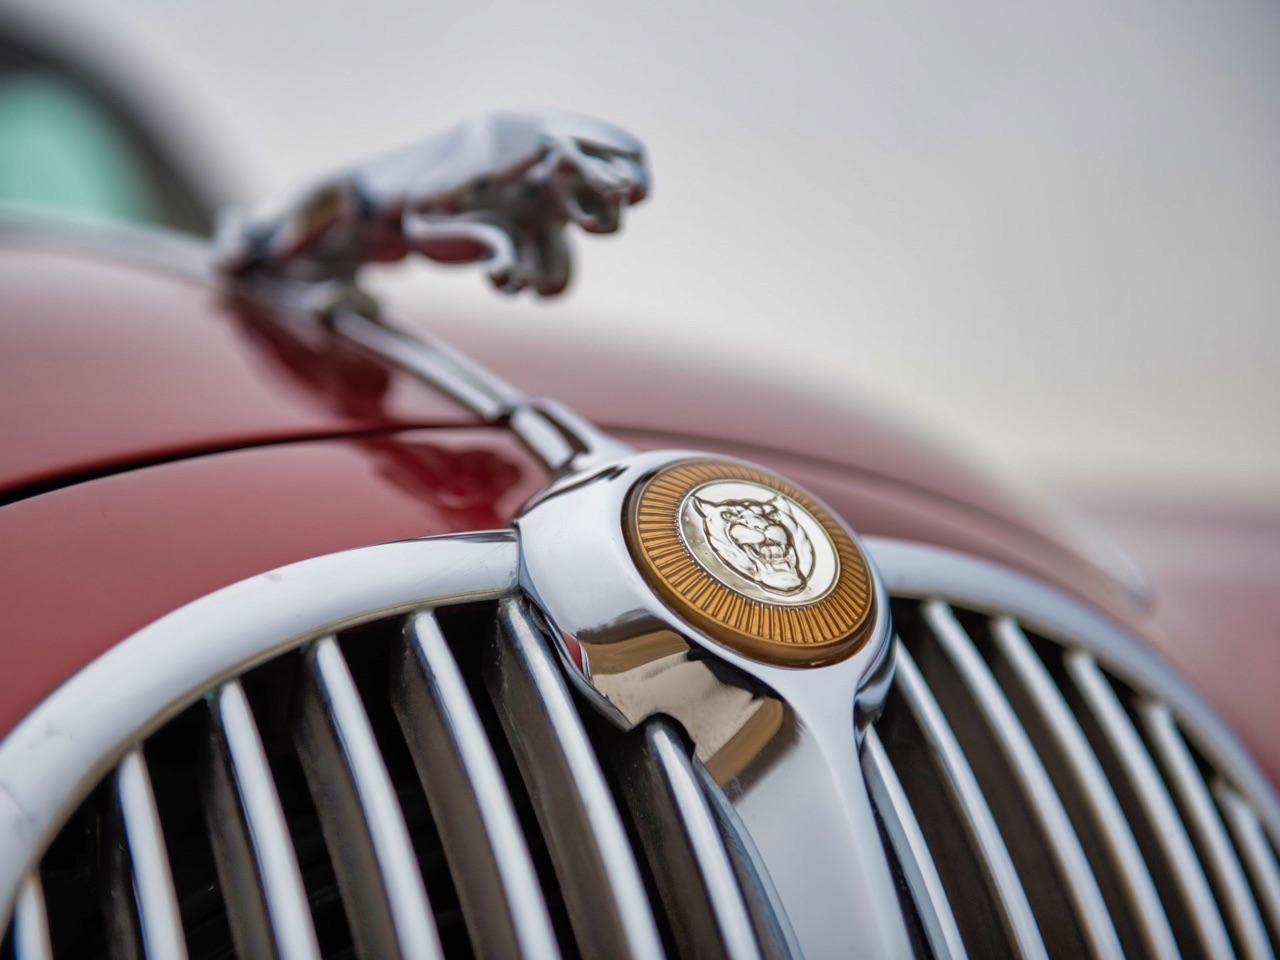 Restomod Jaguar MkII 3.8... enfin, plutôt Beacham V8 Supercharged ! 4